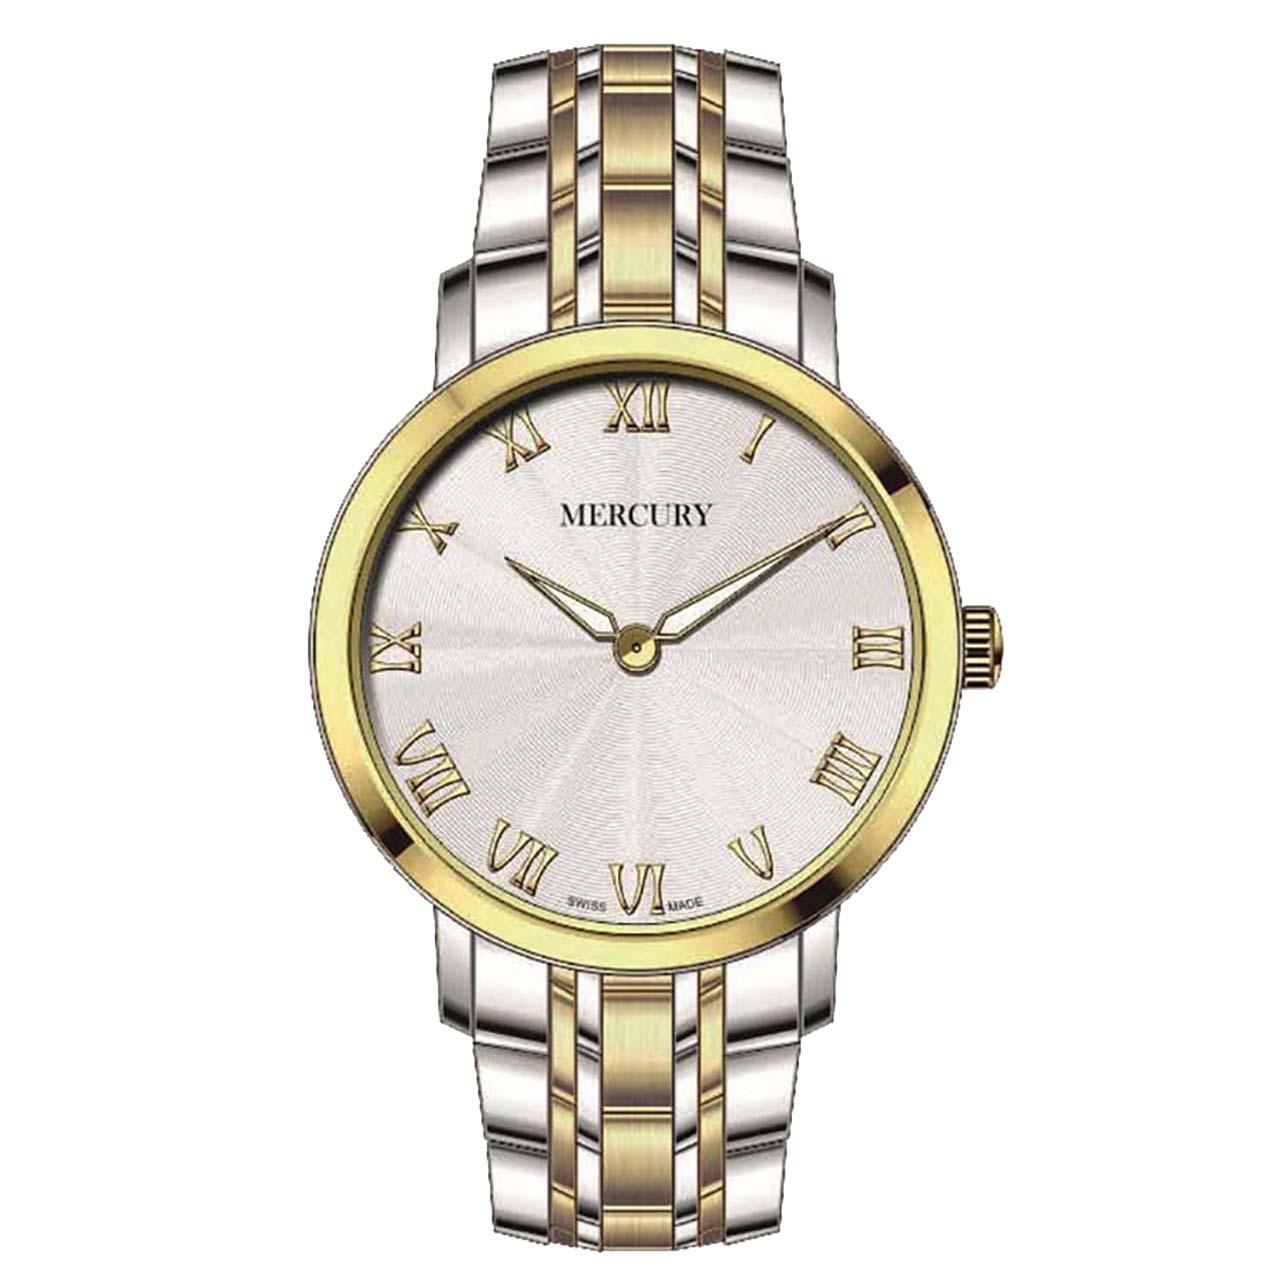 ساعت زنانه برند مرکوری مدل ME400-SG-1